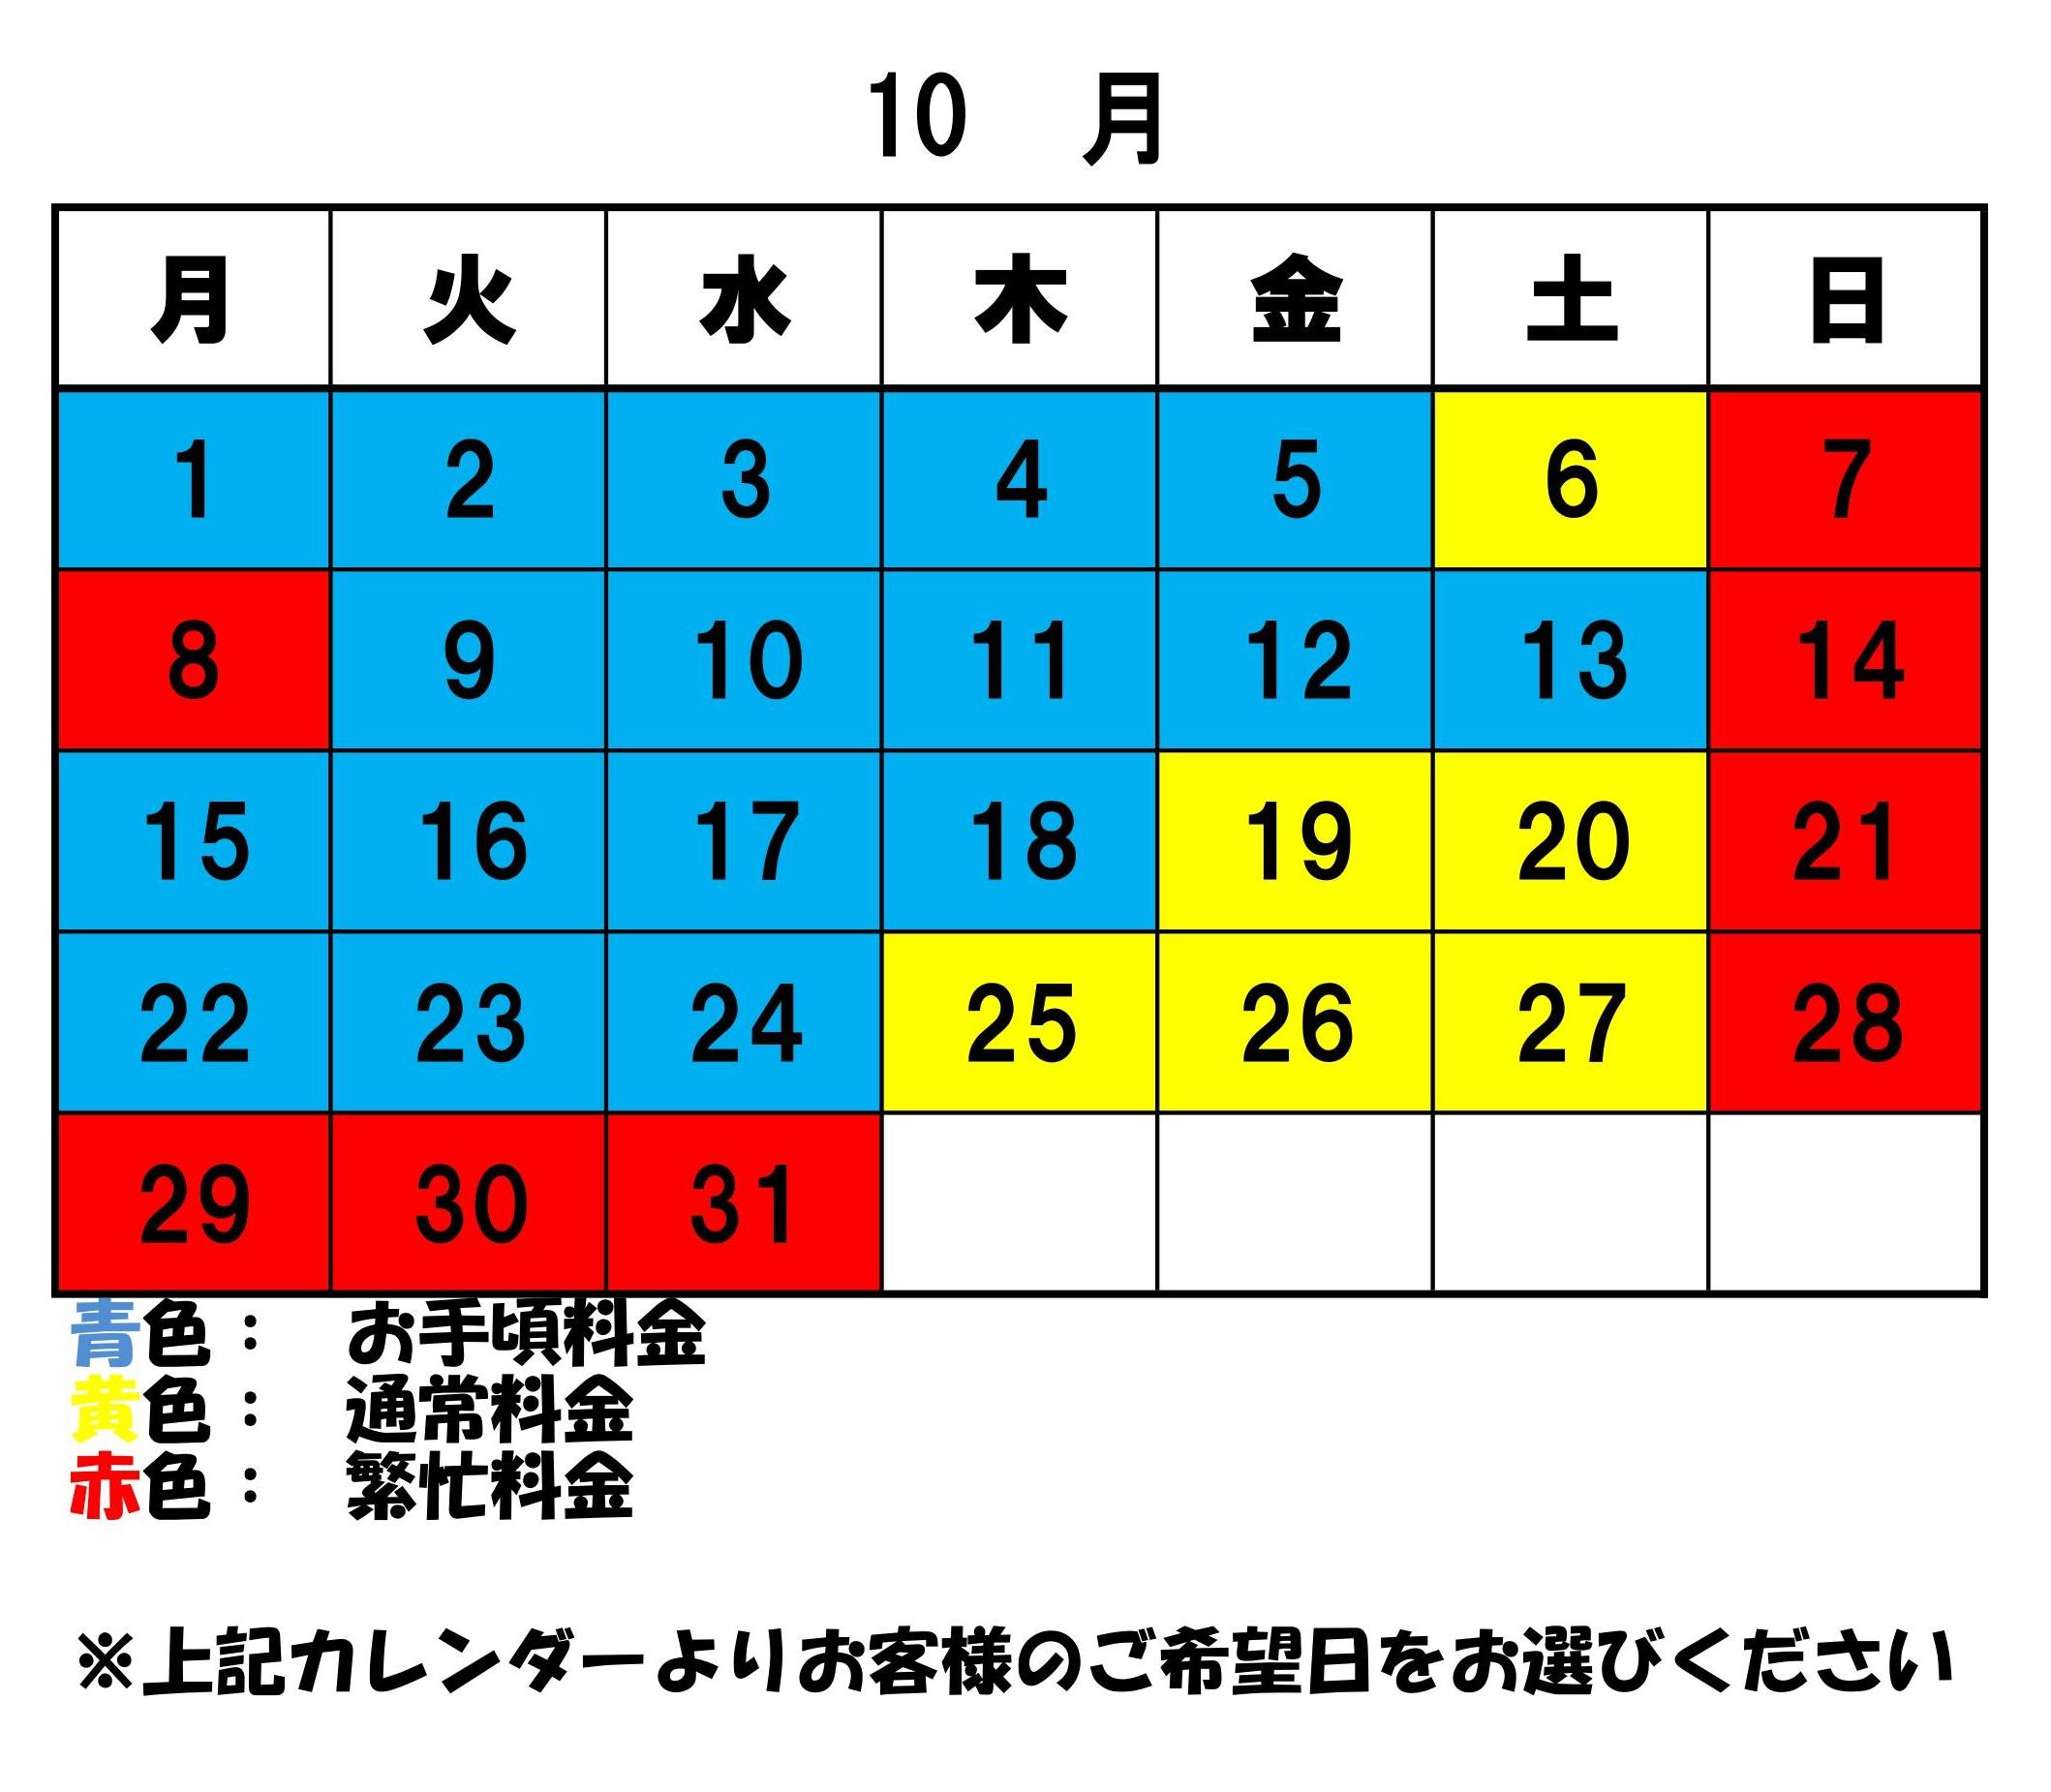 http://www.ikedapiano.co.jp/0001.jpg